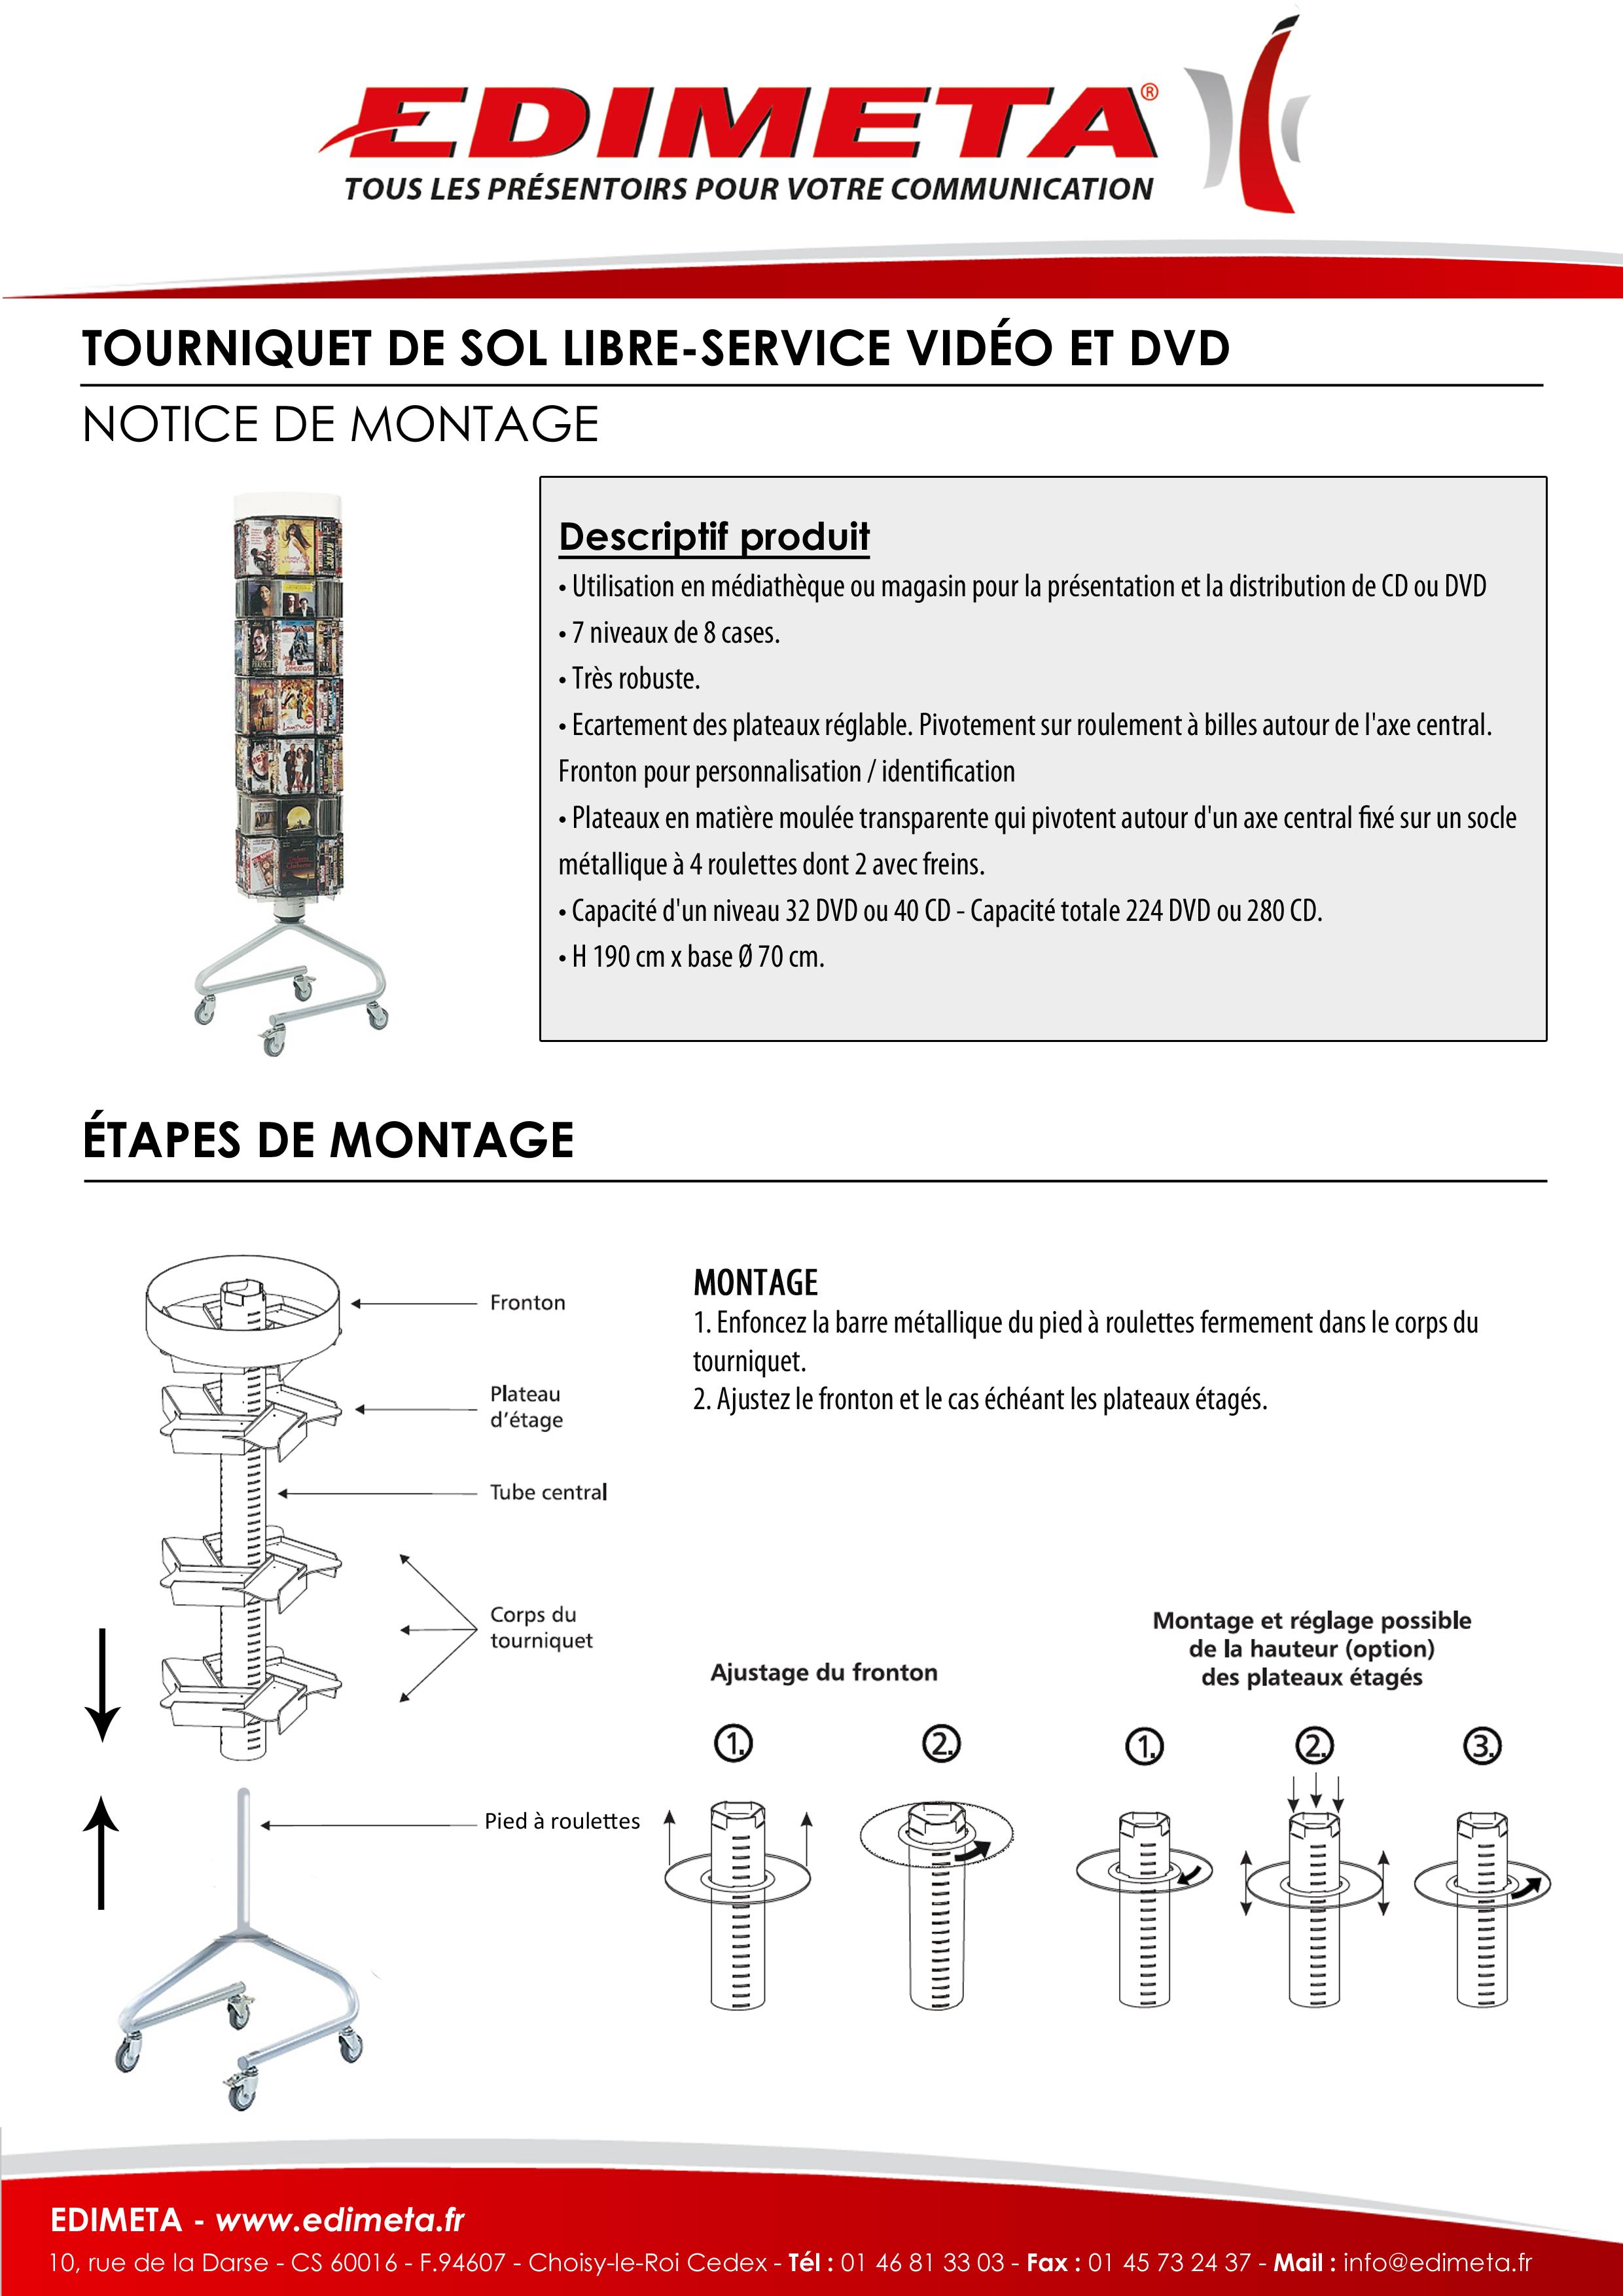 NOTICE DE MONTAGE : TOURNIQUET DE SOL LIBRE-SERVICE CD ET DVD